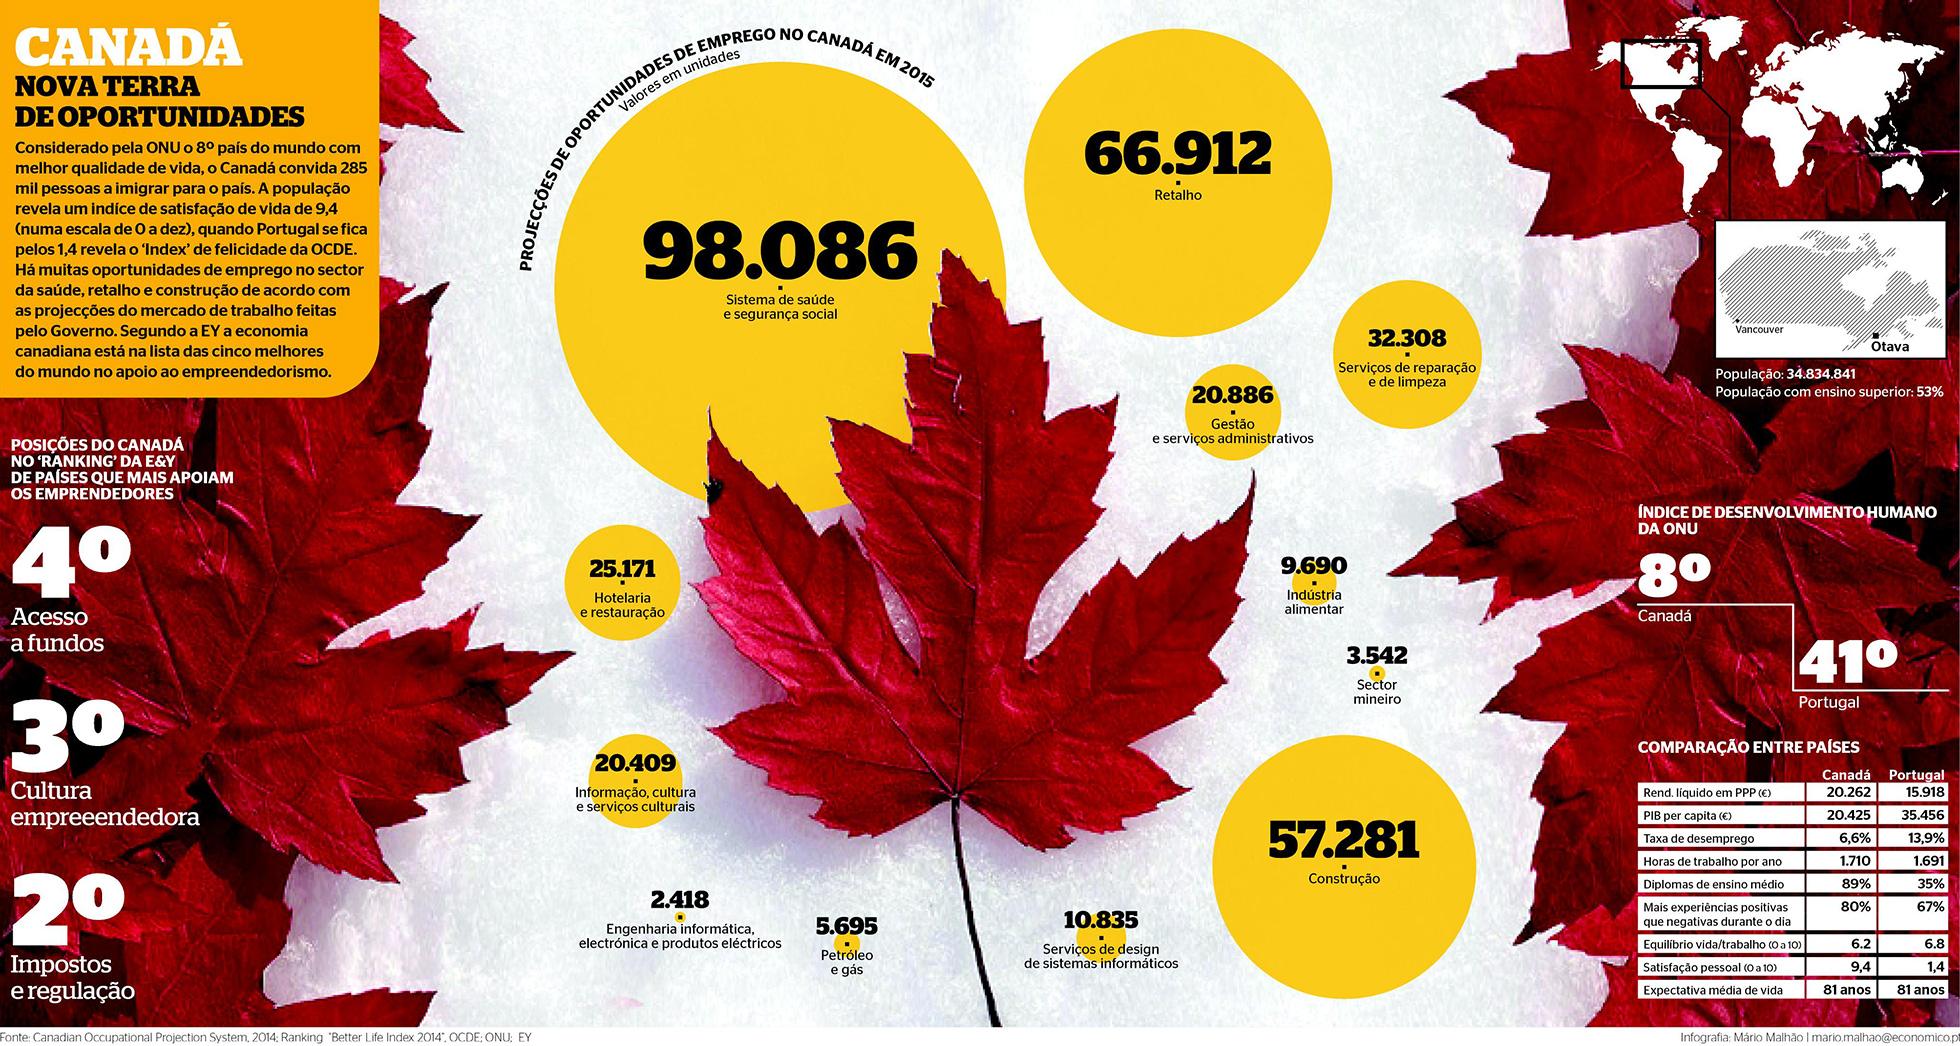 Queres ir trabalhar para o Canadá? Sabe como!